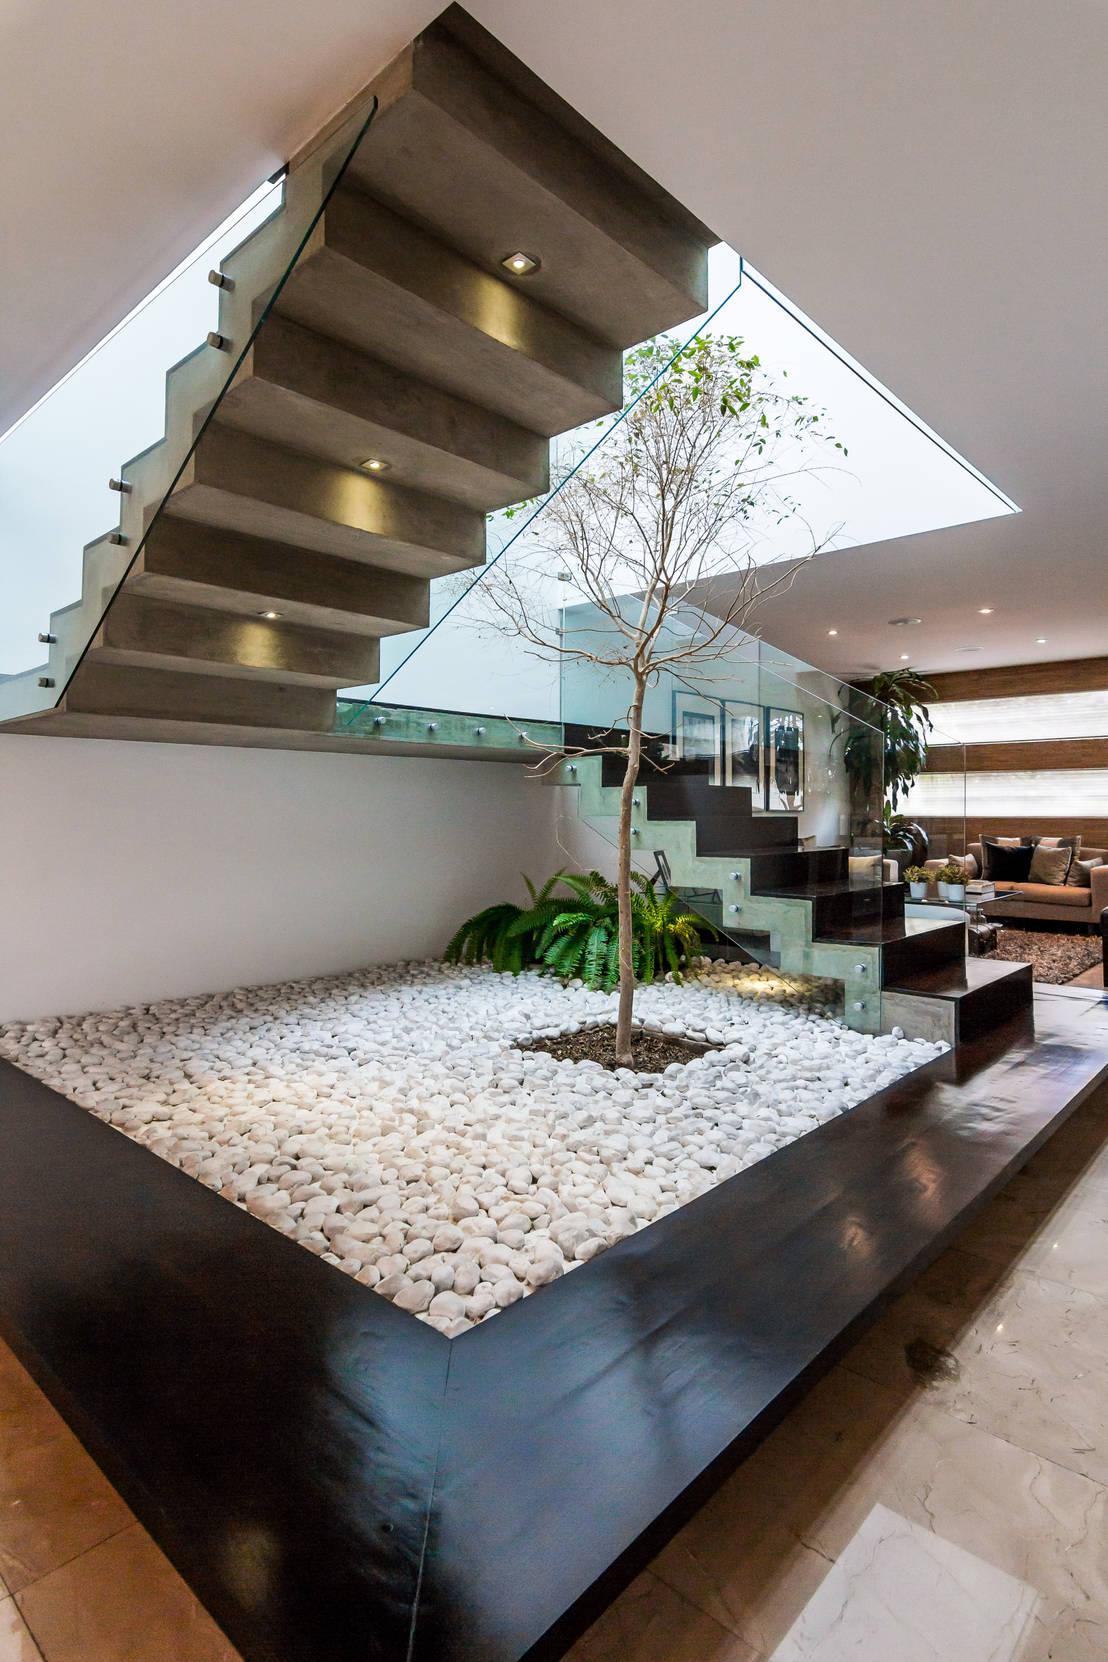 18 trappen met binnentuin, steen & natuurlijke elementen